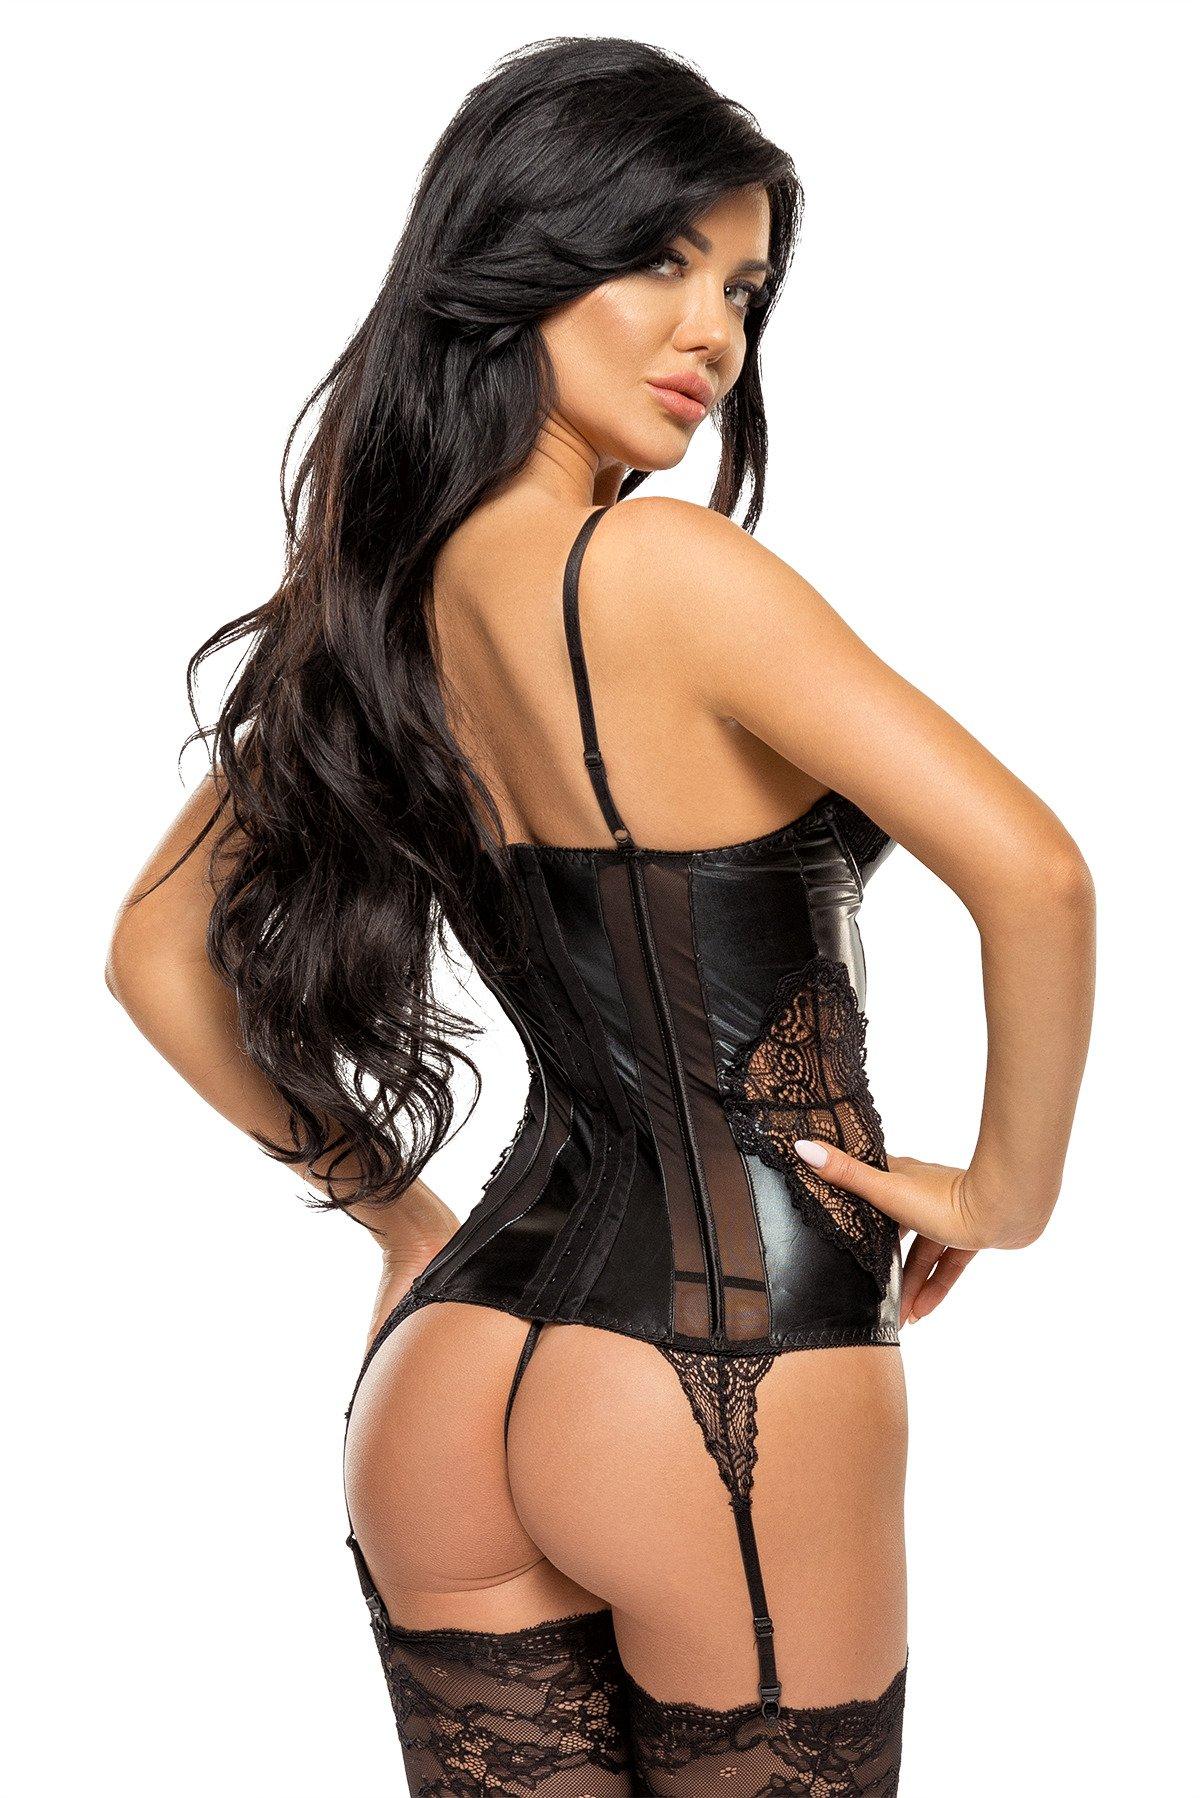 eng_pl_Marilyn-corset-604_2.jpeg